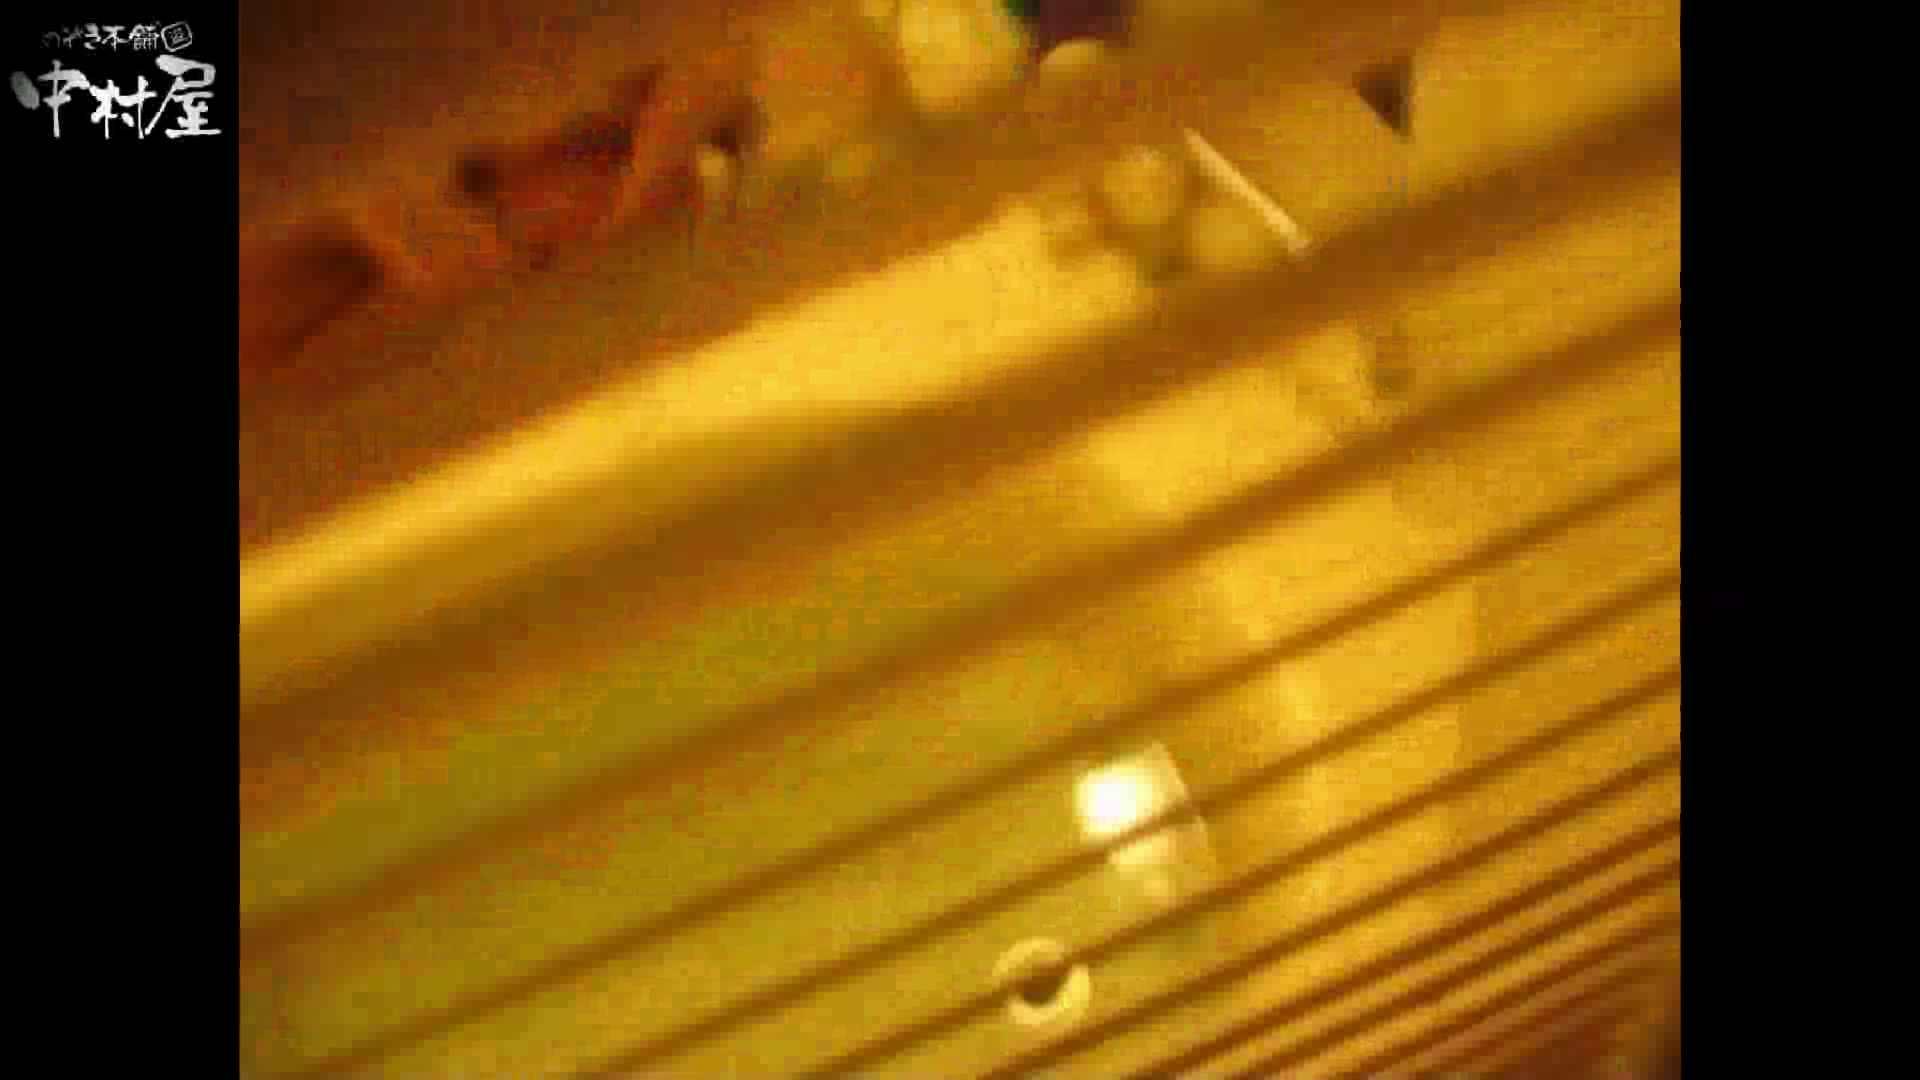 民家風呂専門盗撮師の超危険映像 vol.008 美女丸裸 のぞき動画画像 94pic 39